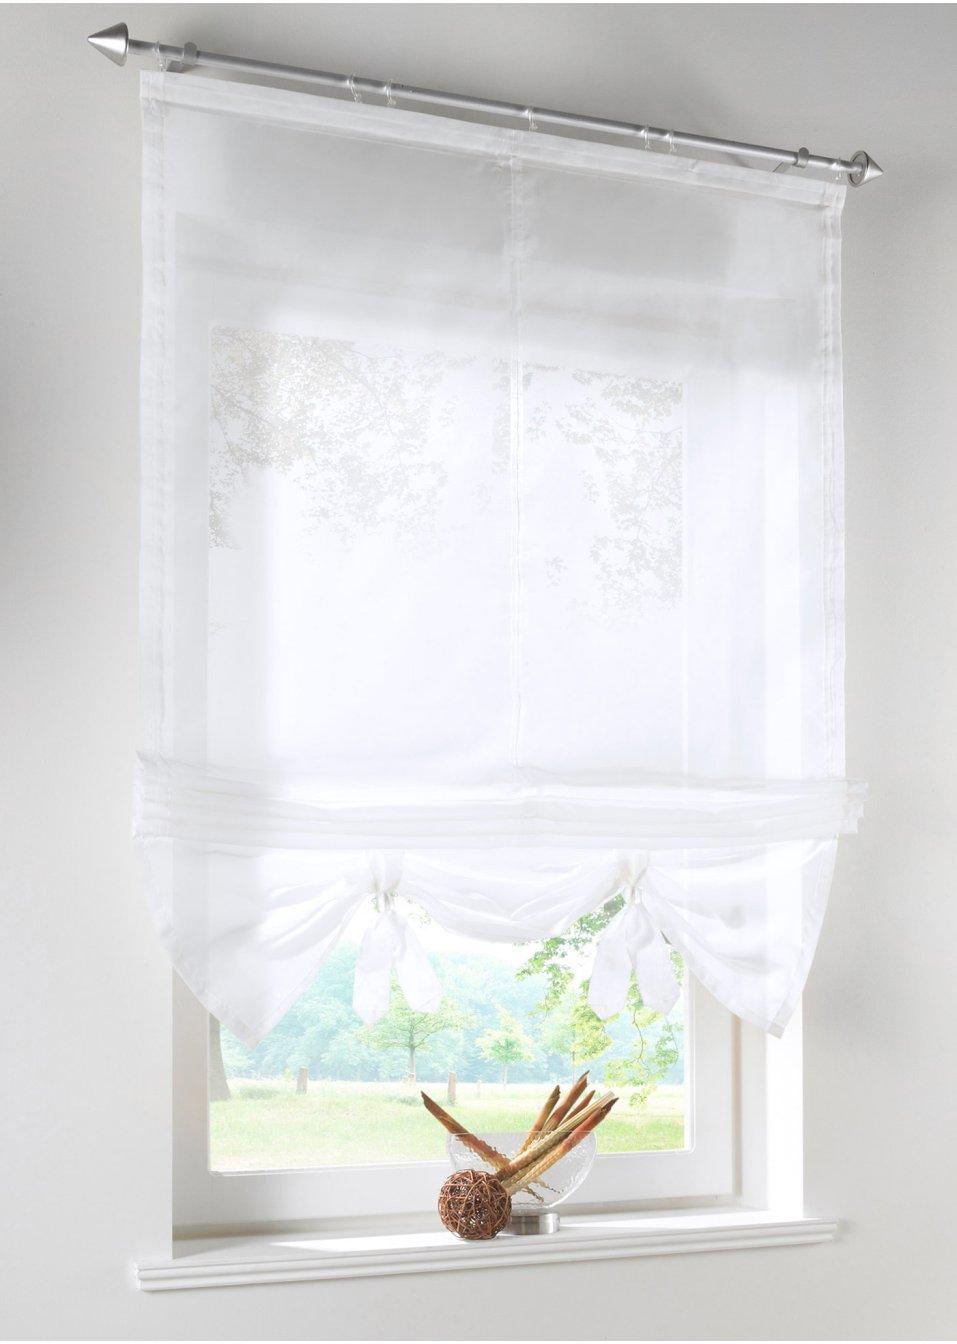 Full Size of Raffrollo Mit Klettband Verspielte Fensterdekoration Leichtem Sichtschutz Wei Bett 140x200 Matratze Und Lattenrost Betten Bettkasten 3 Sitzer Sofa Wohnzimmer Raffrollo Mit Klettband